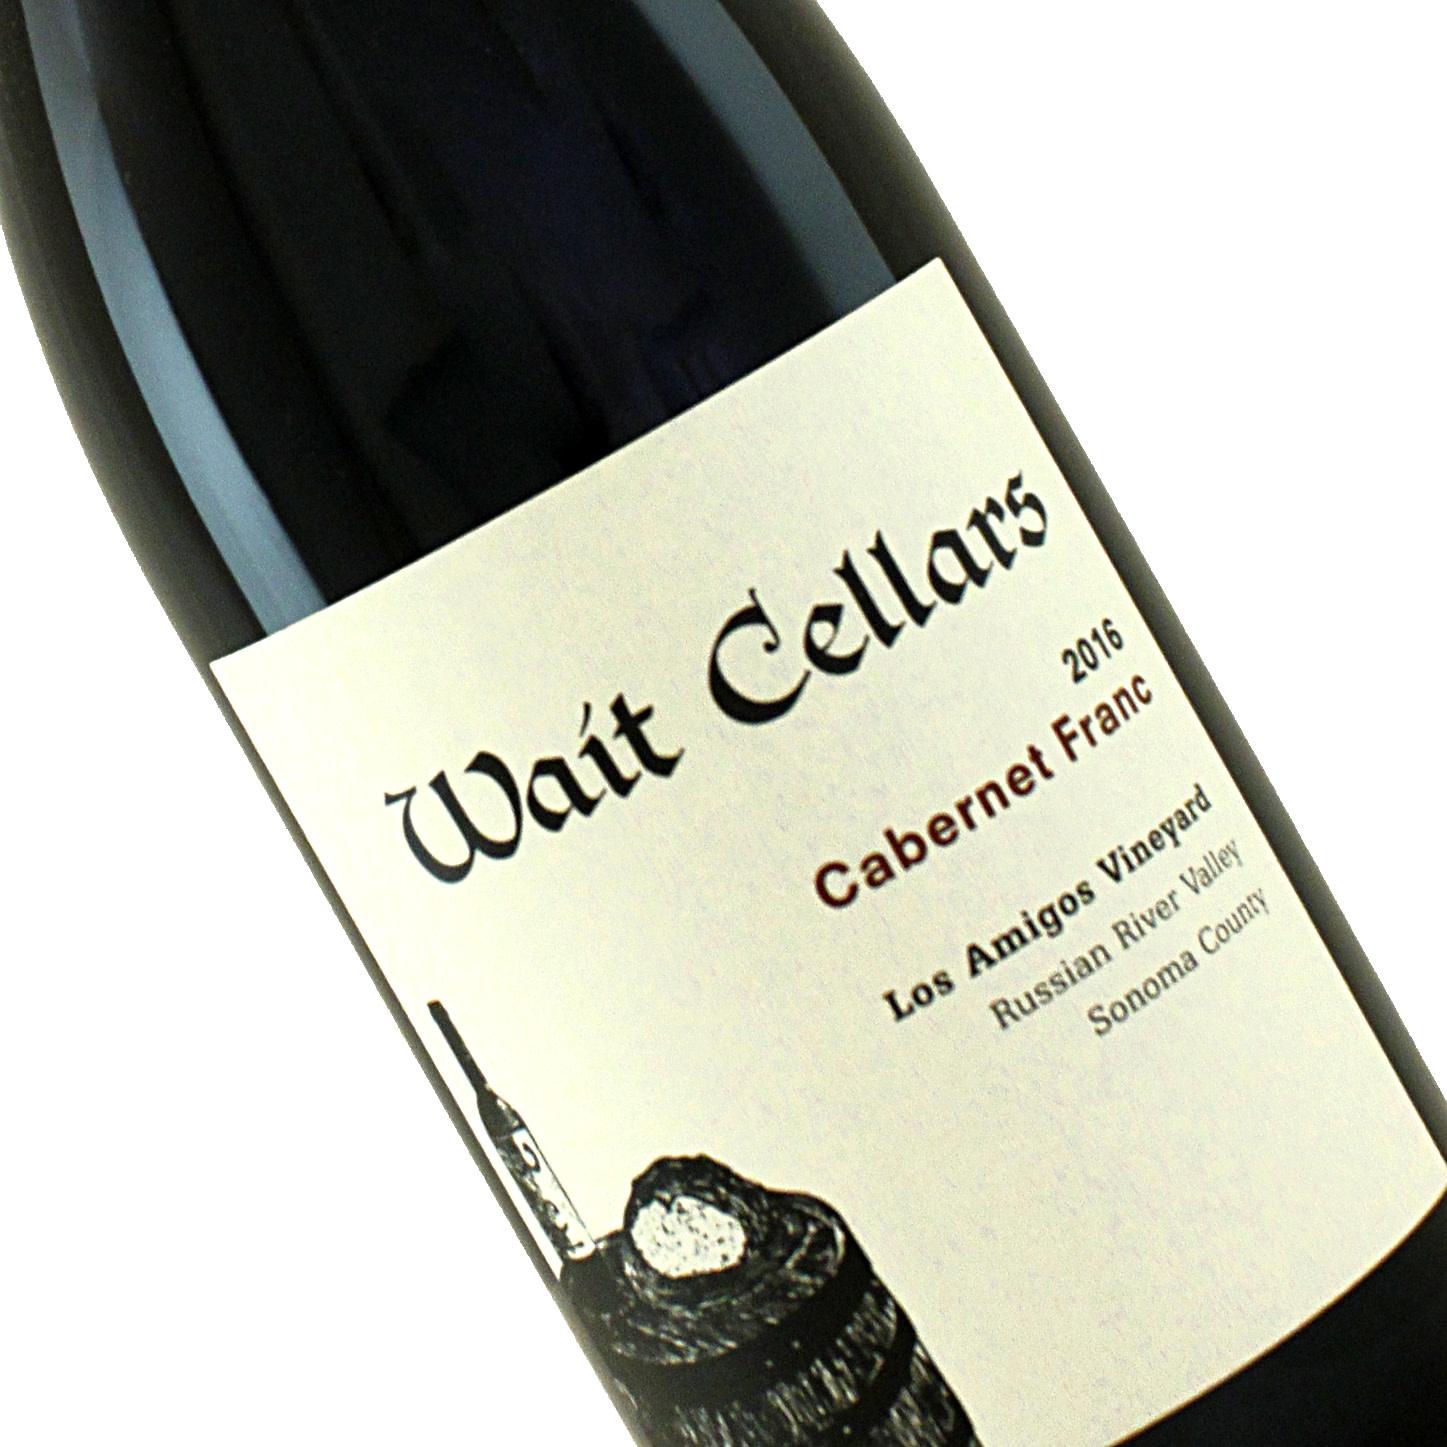 Wait Cellars 2016 Cabernet Franc Los Amigos Vineyard Russian River Valley, Sonoma County